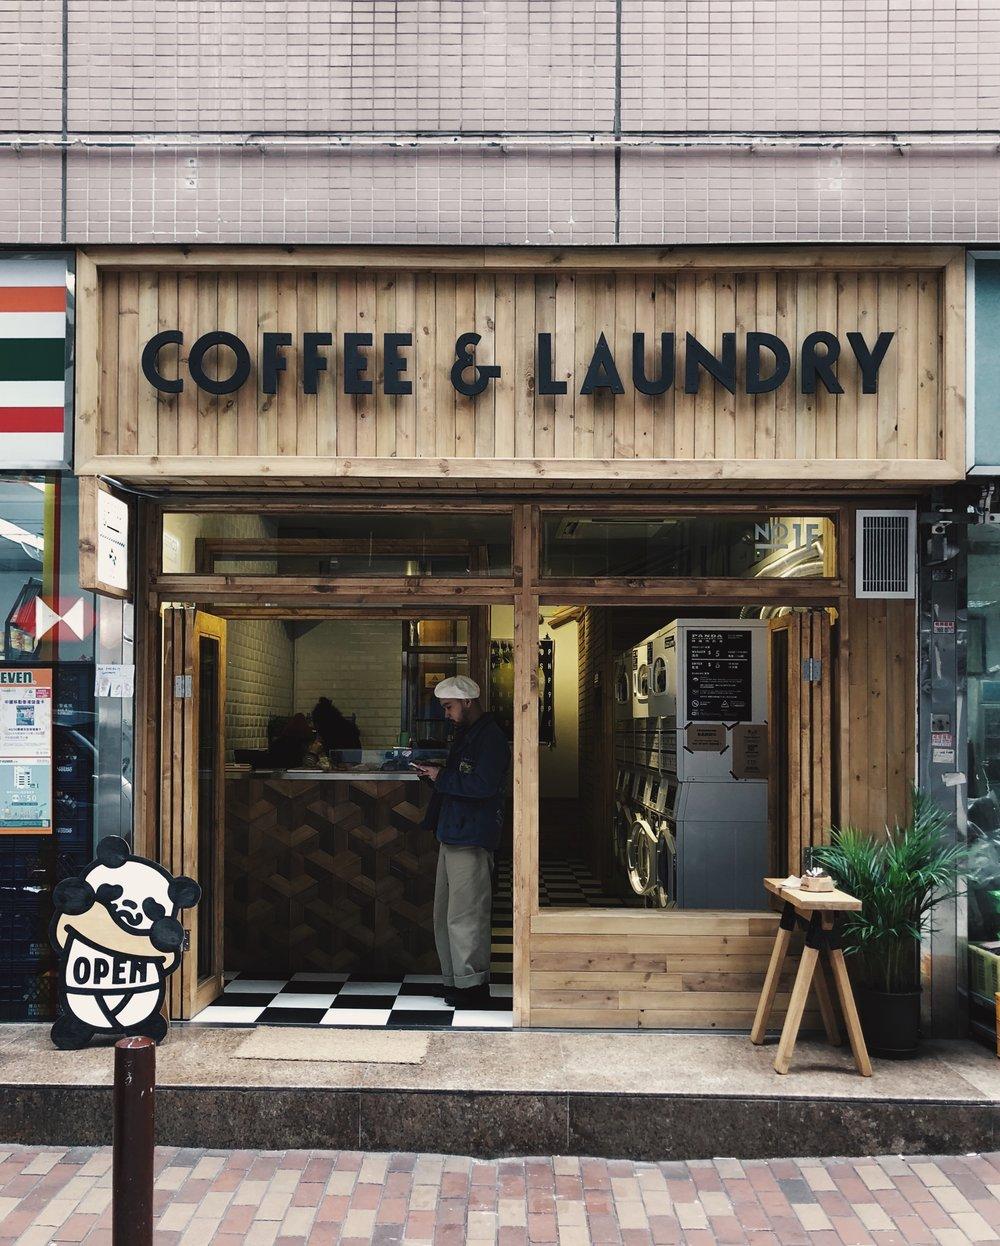 & - COFFEE &